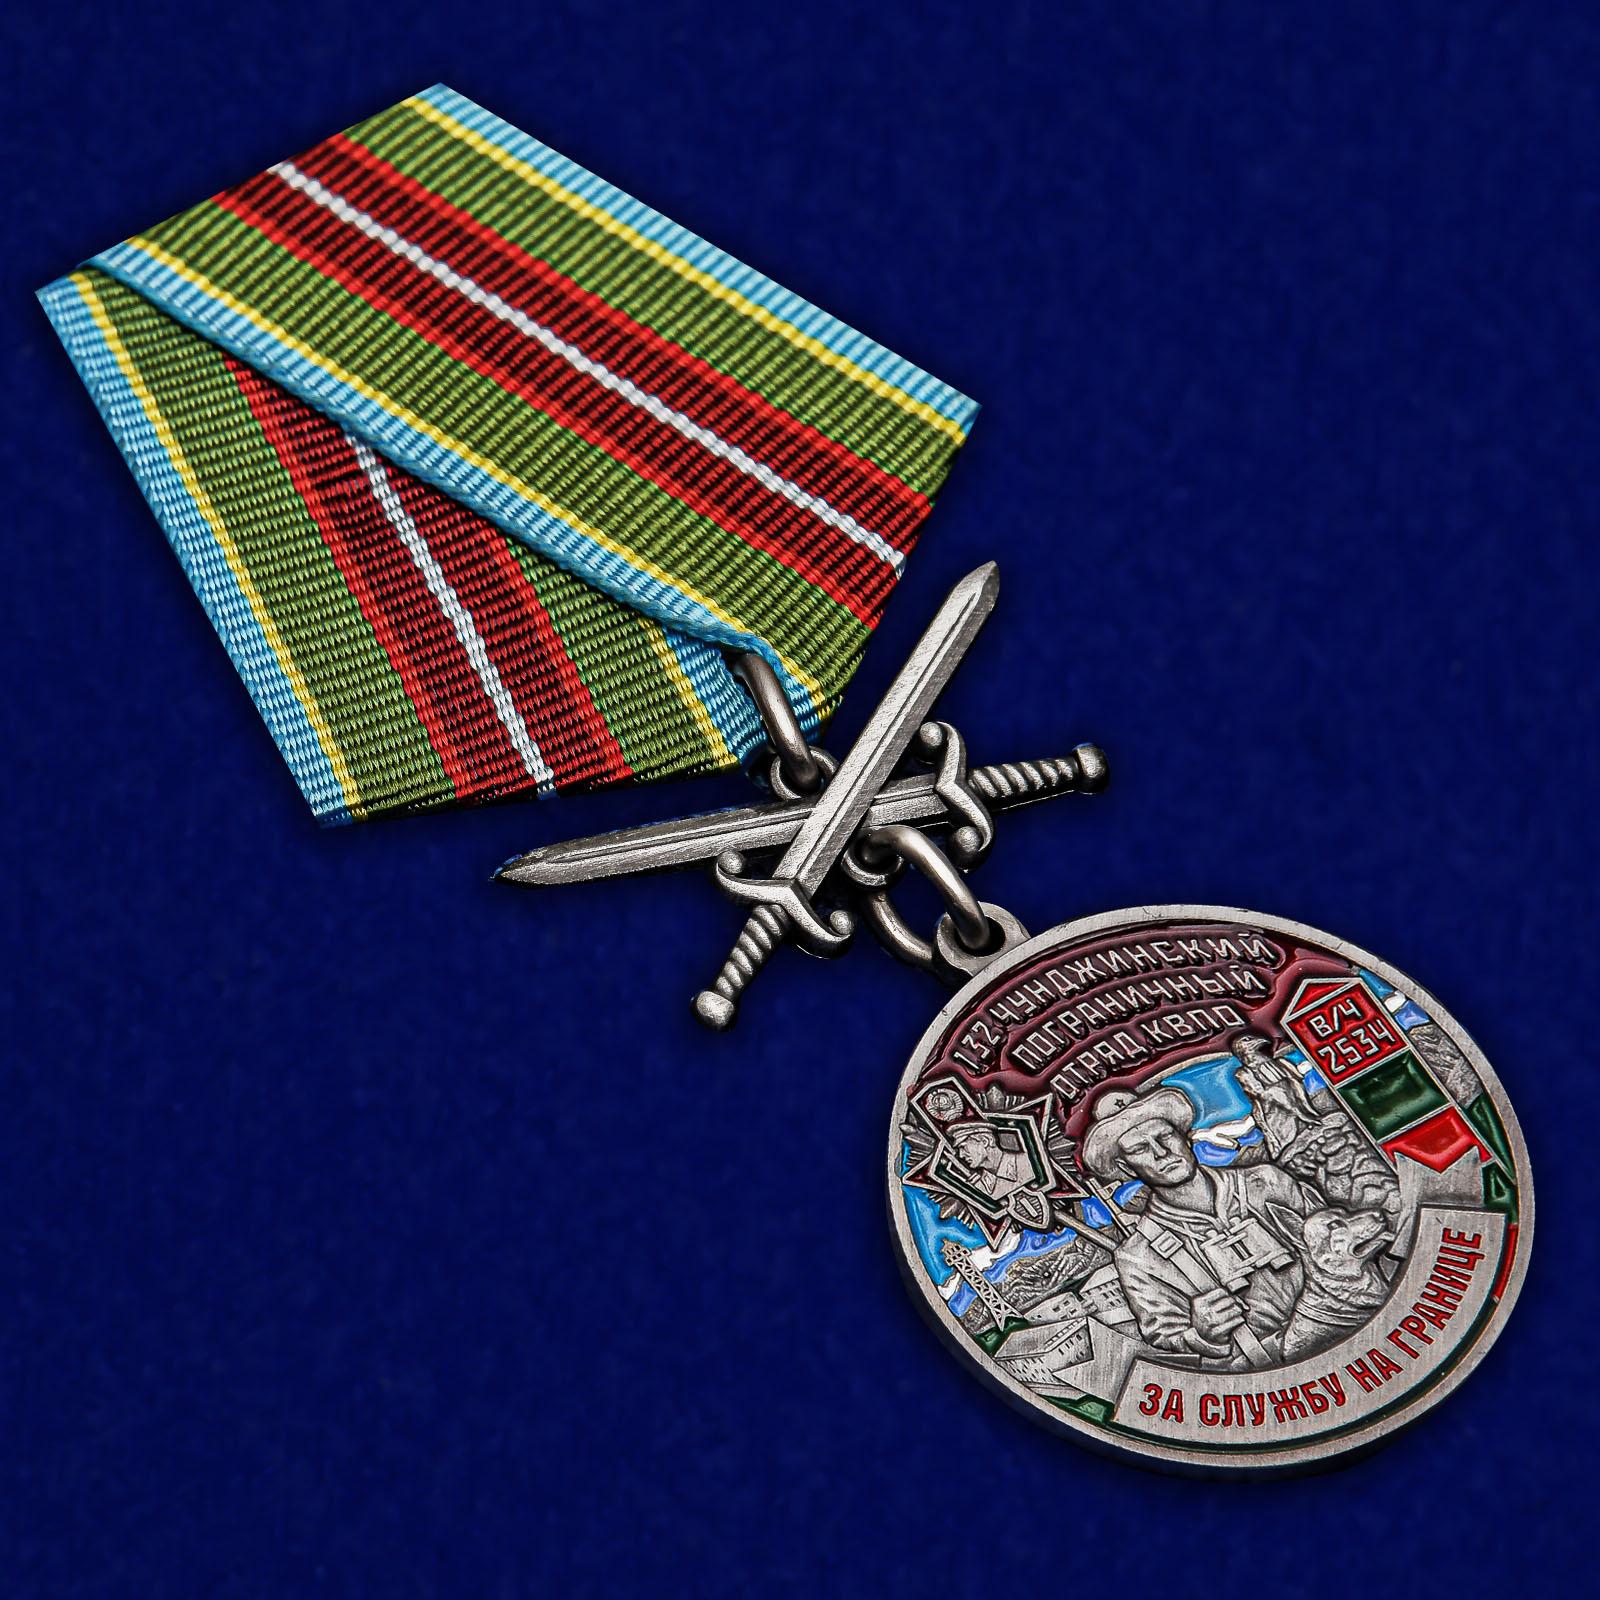 """Купить медаль """"За службу в Чунджинском пограничном отряде"""""""